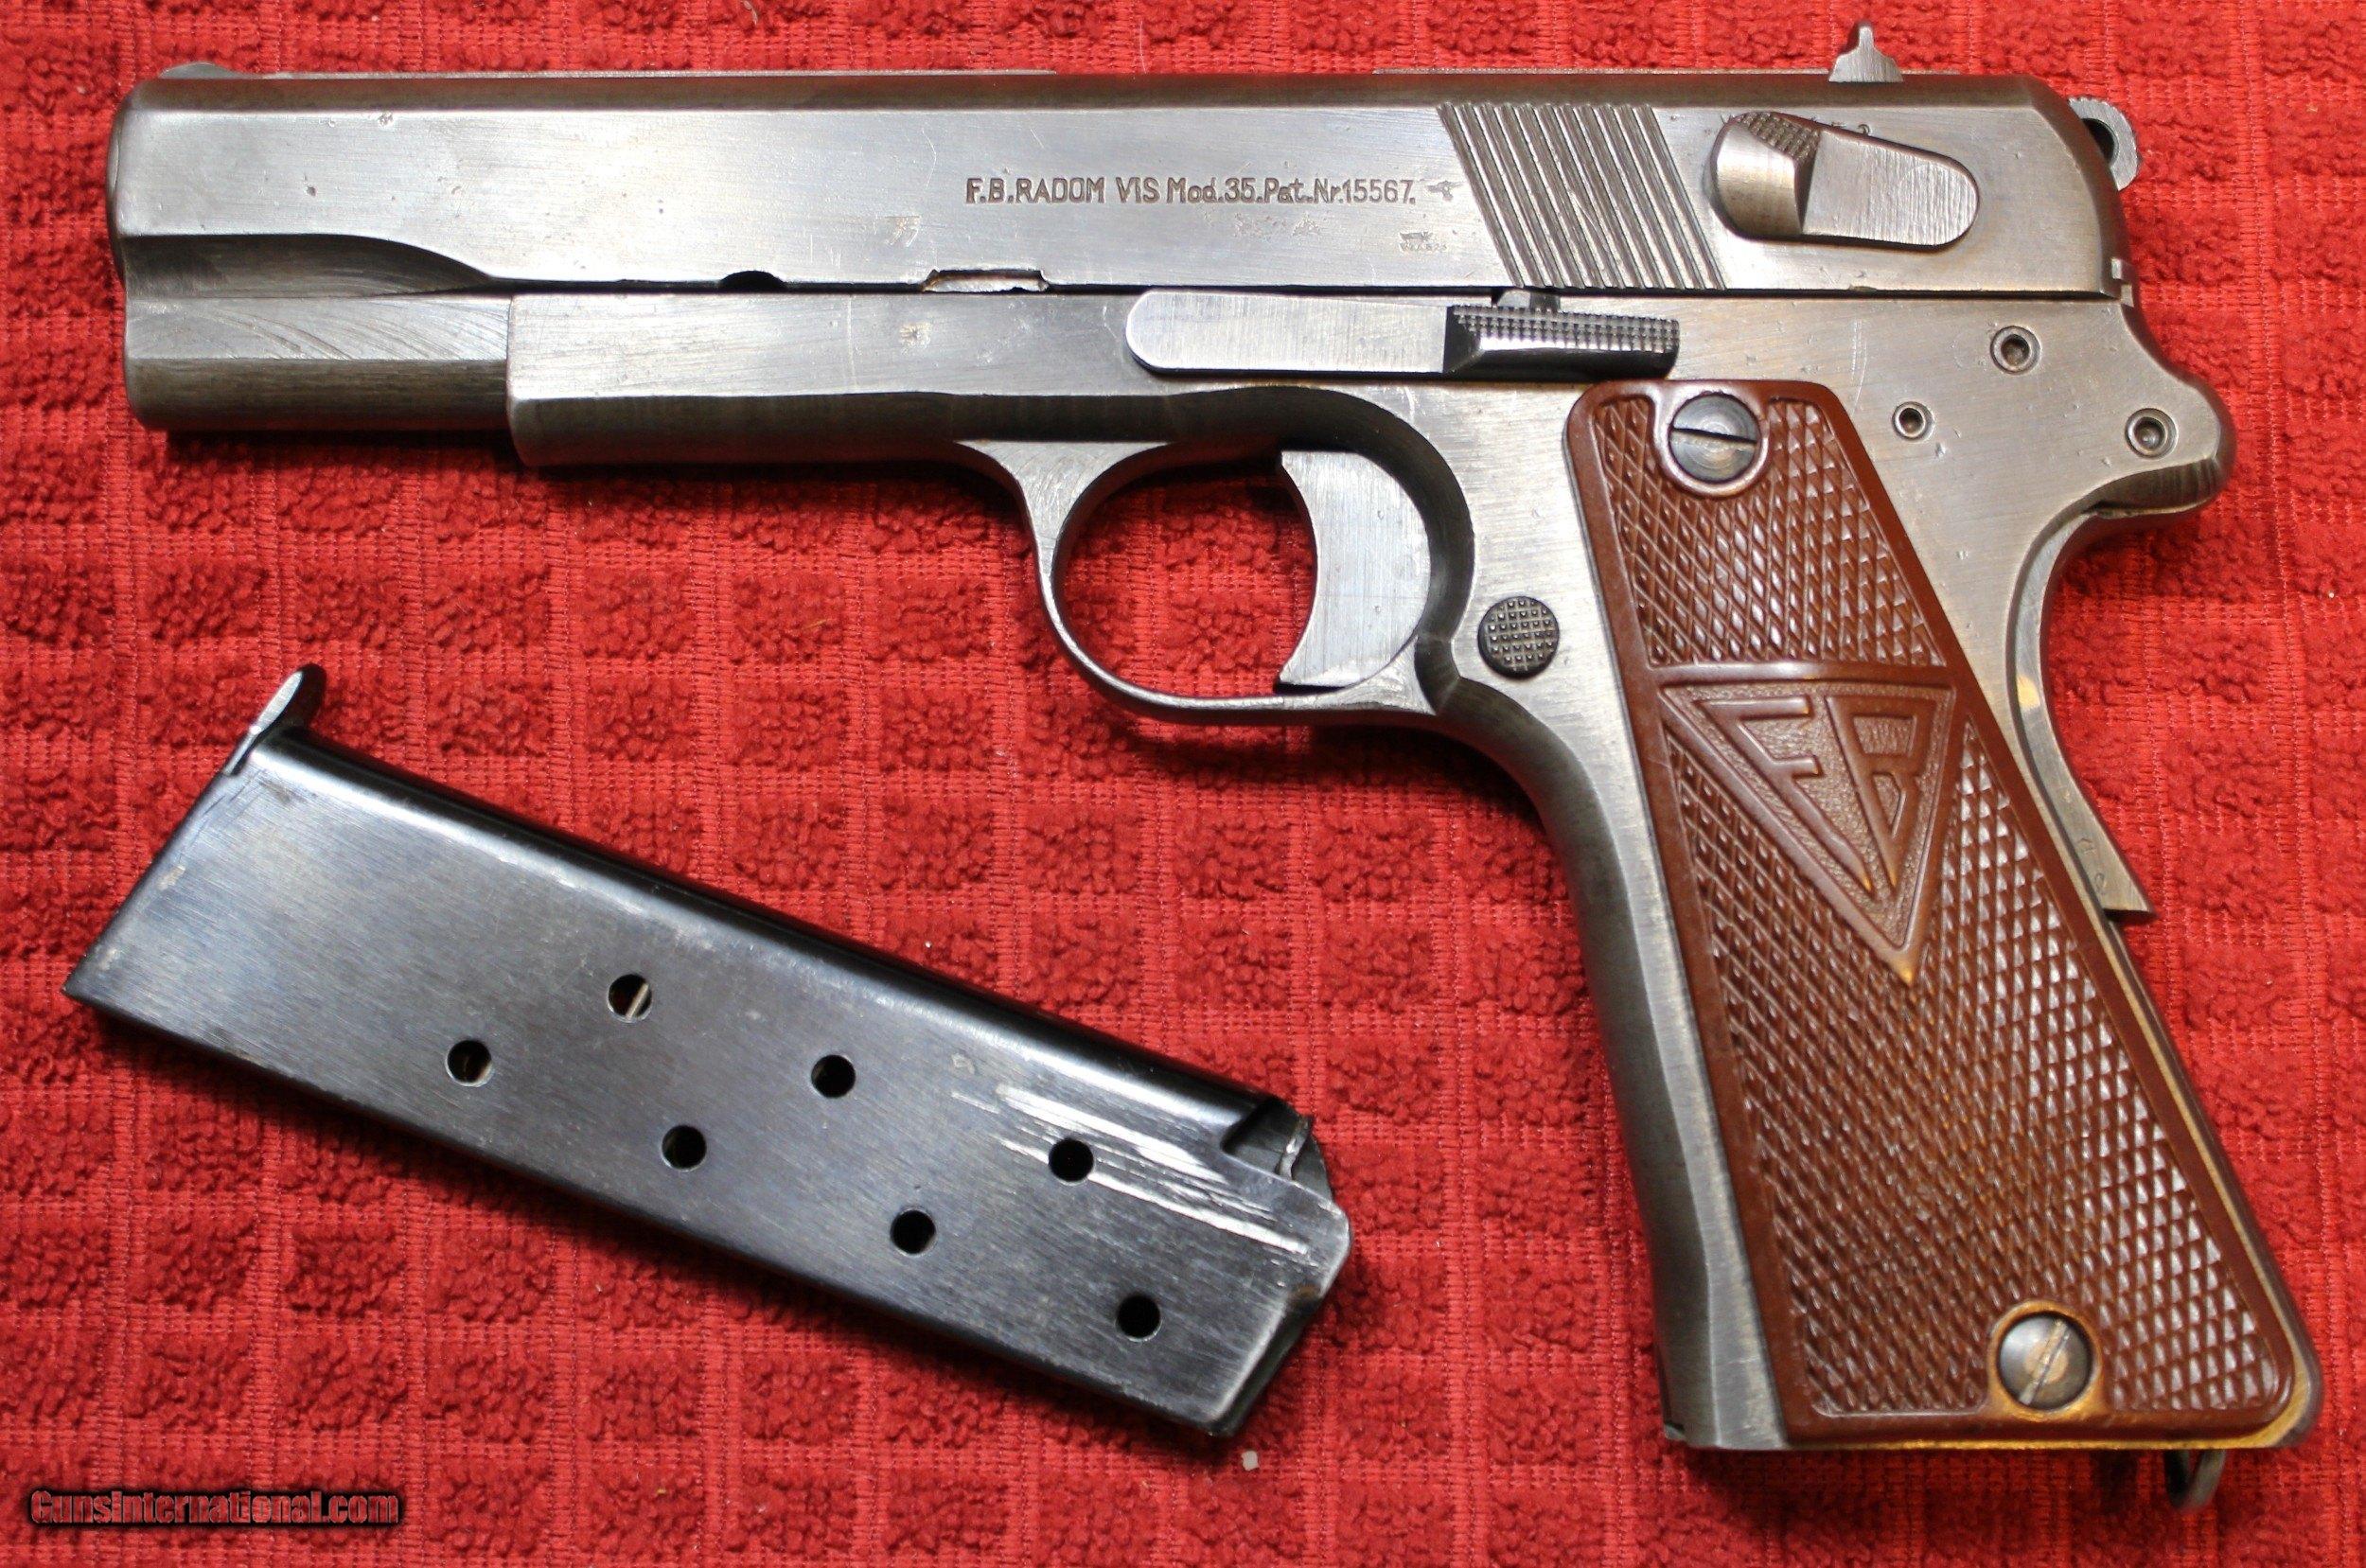 Polish Radom Mod-35 (Nazi) Mod 35 9mm semi-pistol with one